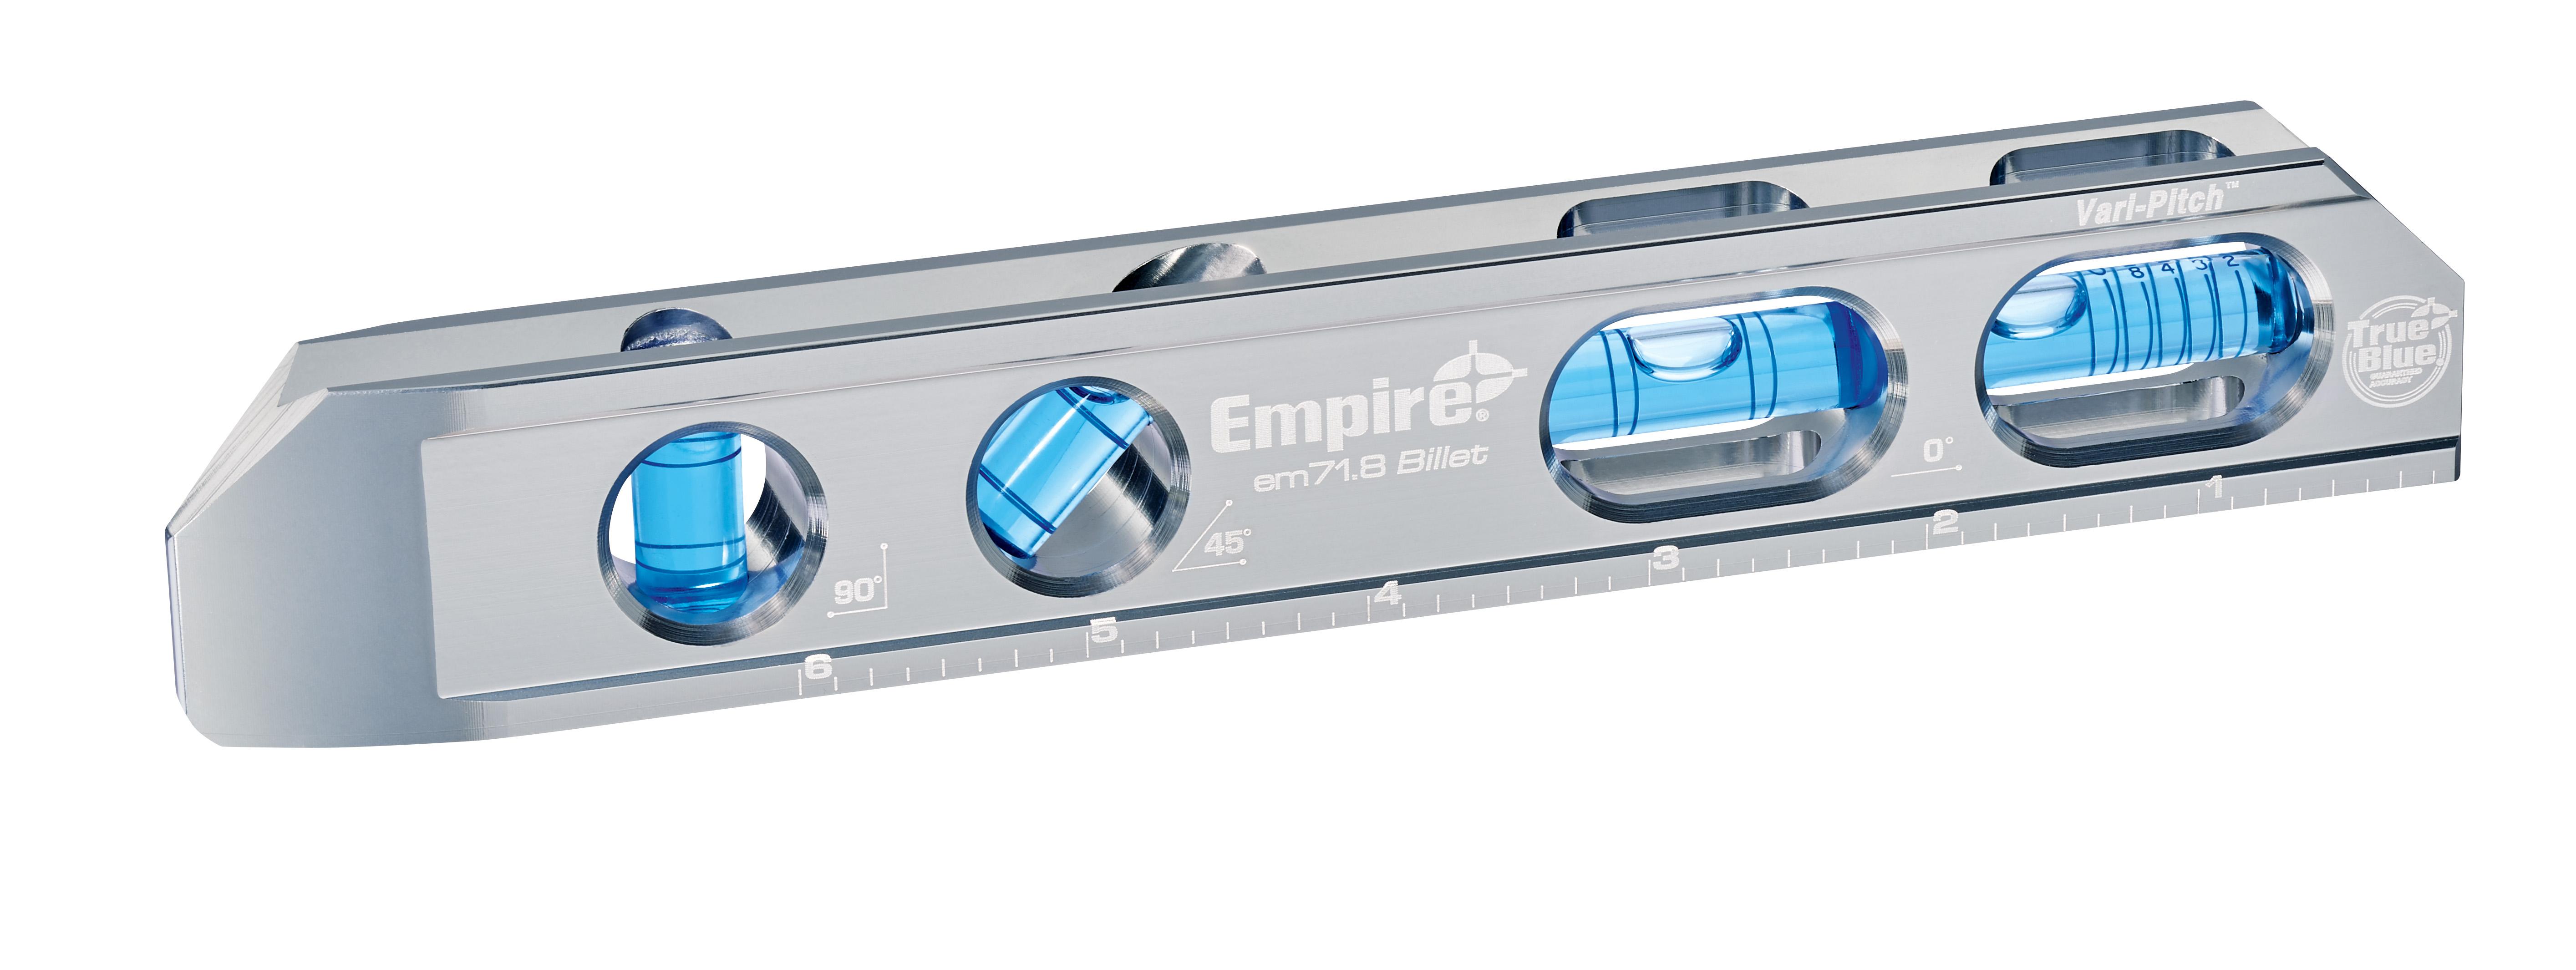 Milwaukee® Empire® TRUE BLUE® EM71.8 Magnetic Billet Torpedo Level, 8 in L, 4 Vials, Aluminum, (1) 0 deg, (1) 30 deg, (1) 45 deg, (1) 90 deg Vial Position, 0.0005 in Accuracy